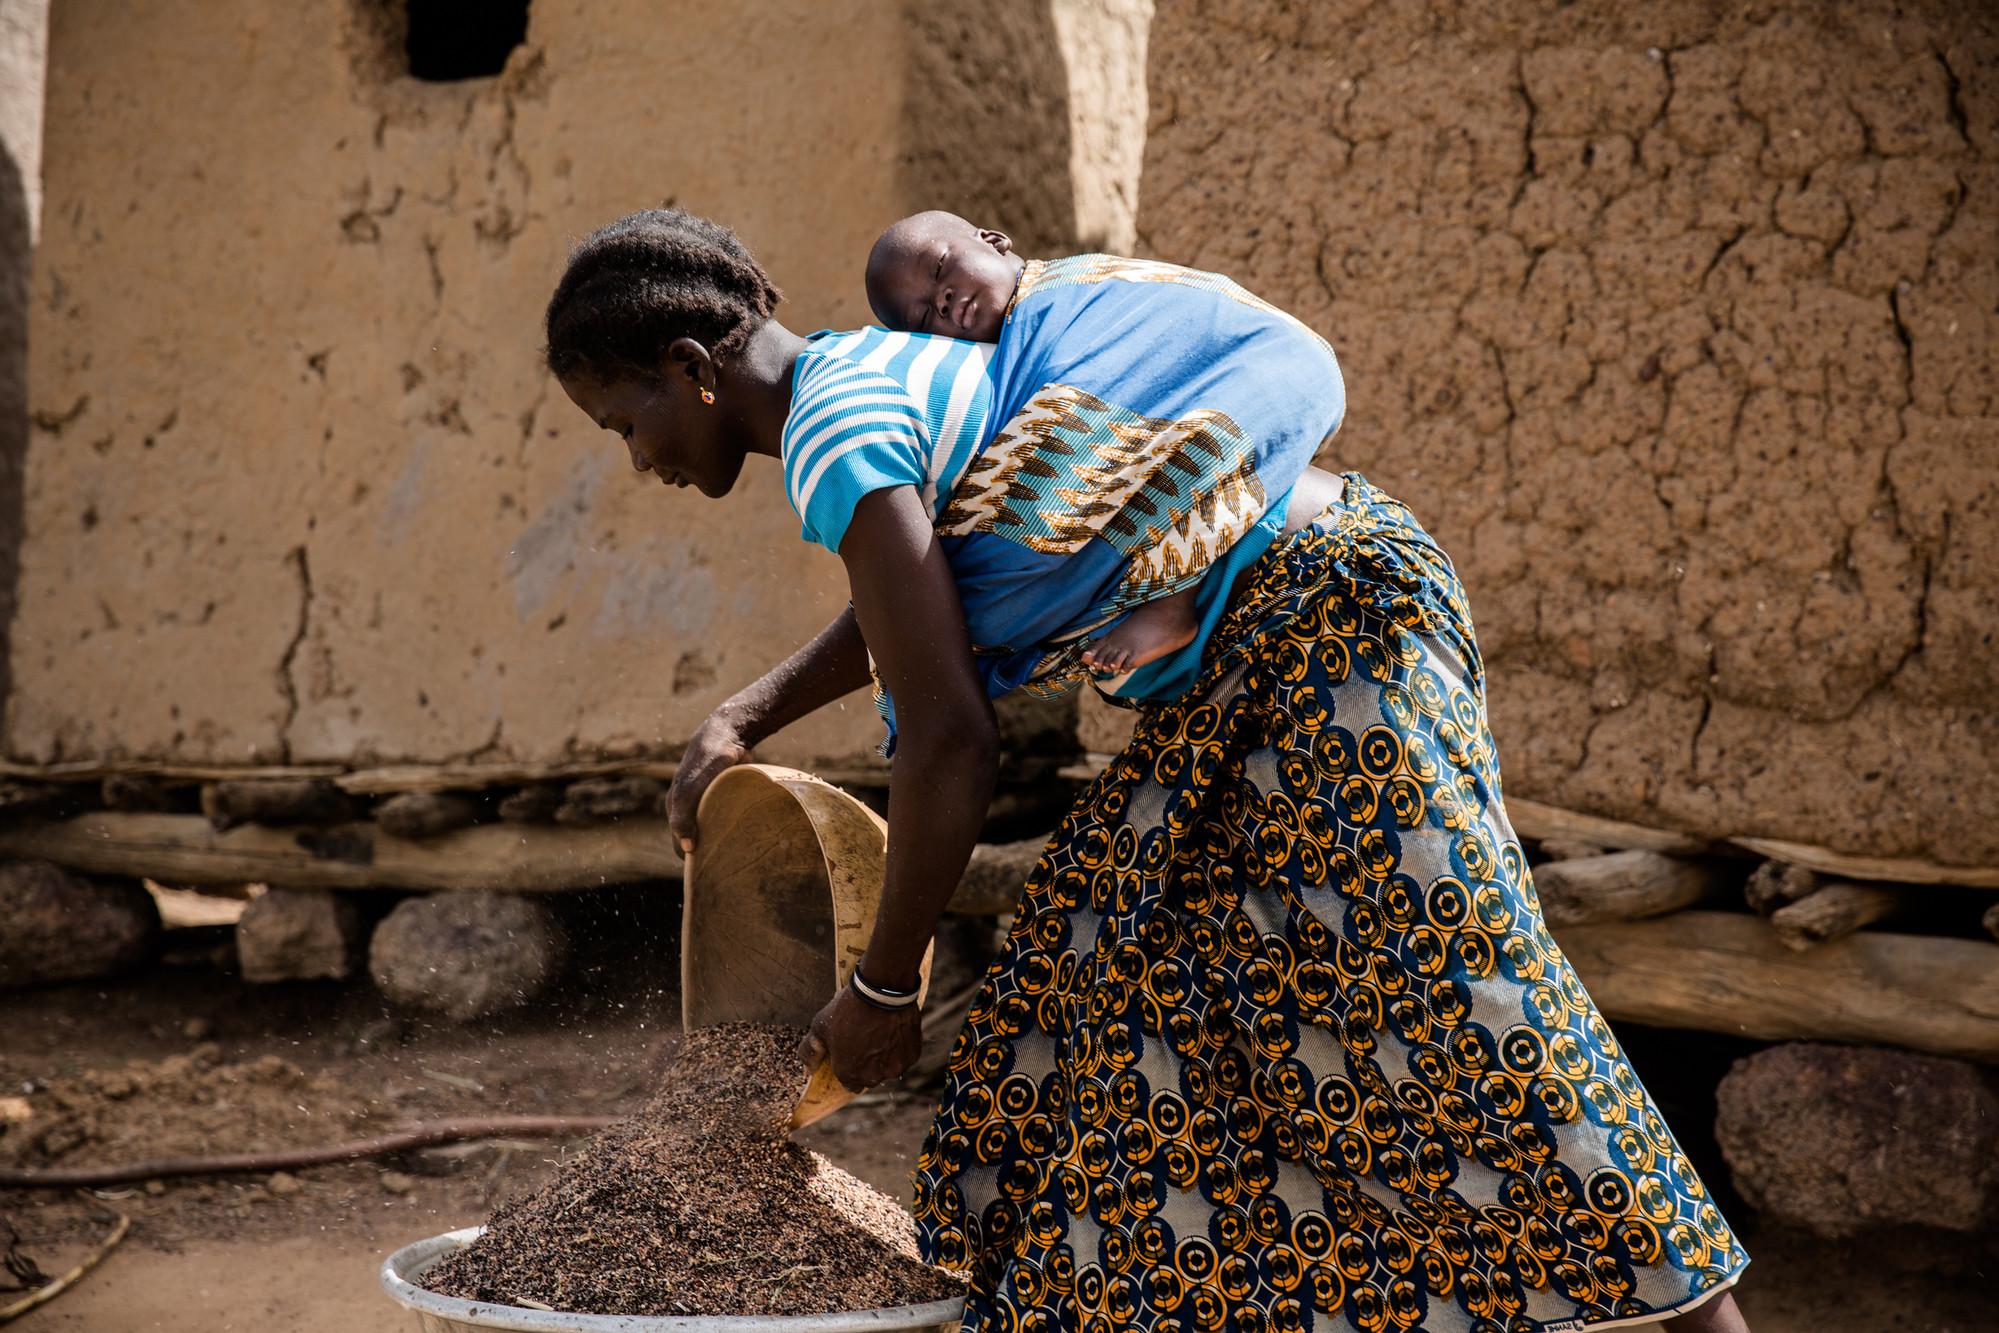 Woman in Burkina Faso | ©  Sophie Garcia | hanslucas.comSophie Garcia www.sophiegarcia.net